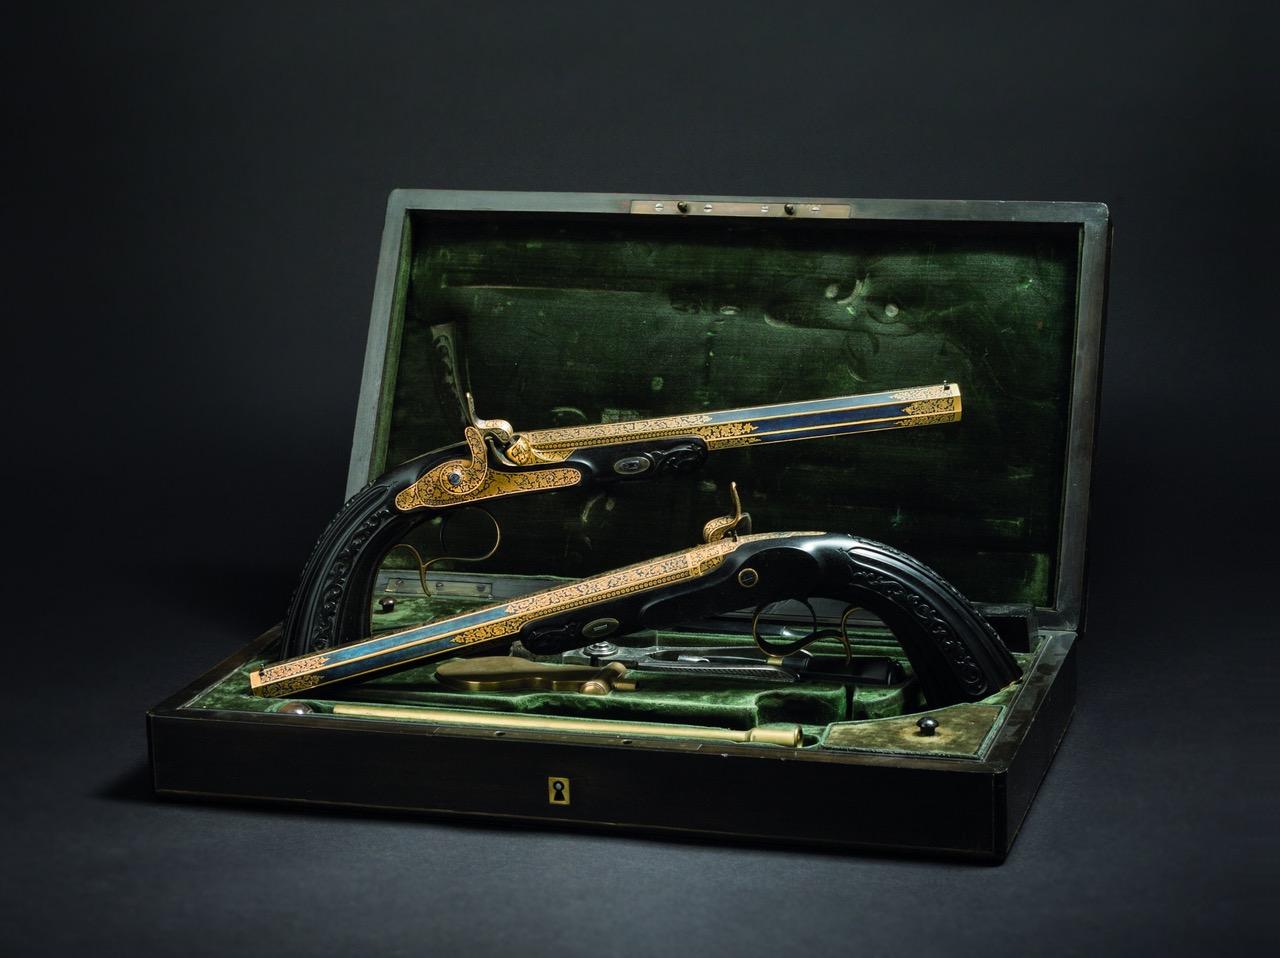 12_HH_75_Gold_splendid_gilt_percussion_pistols_LePageMoutier_500